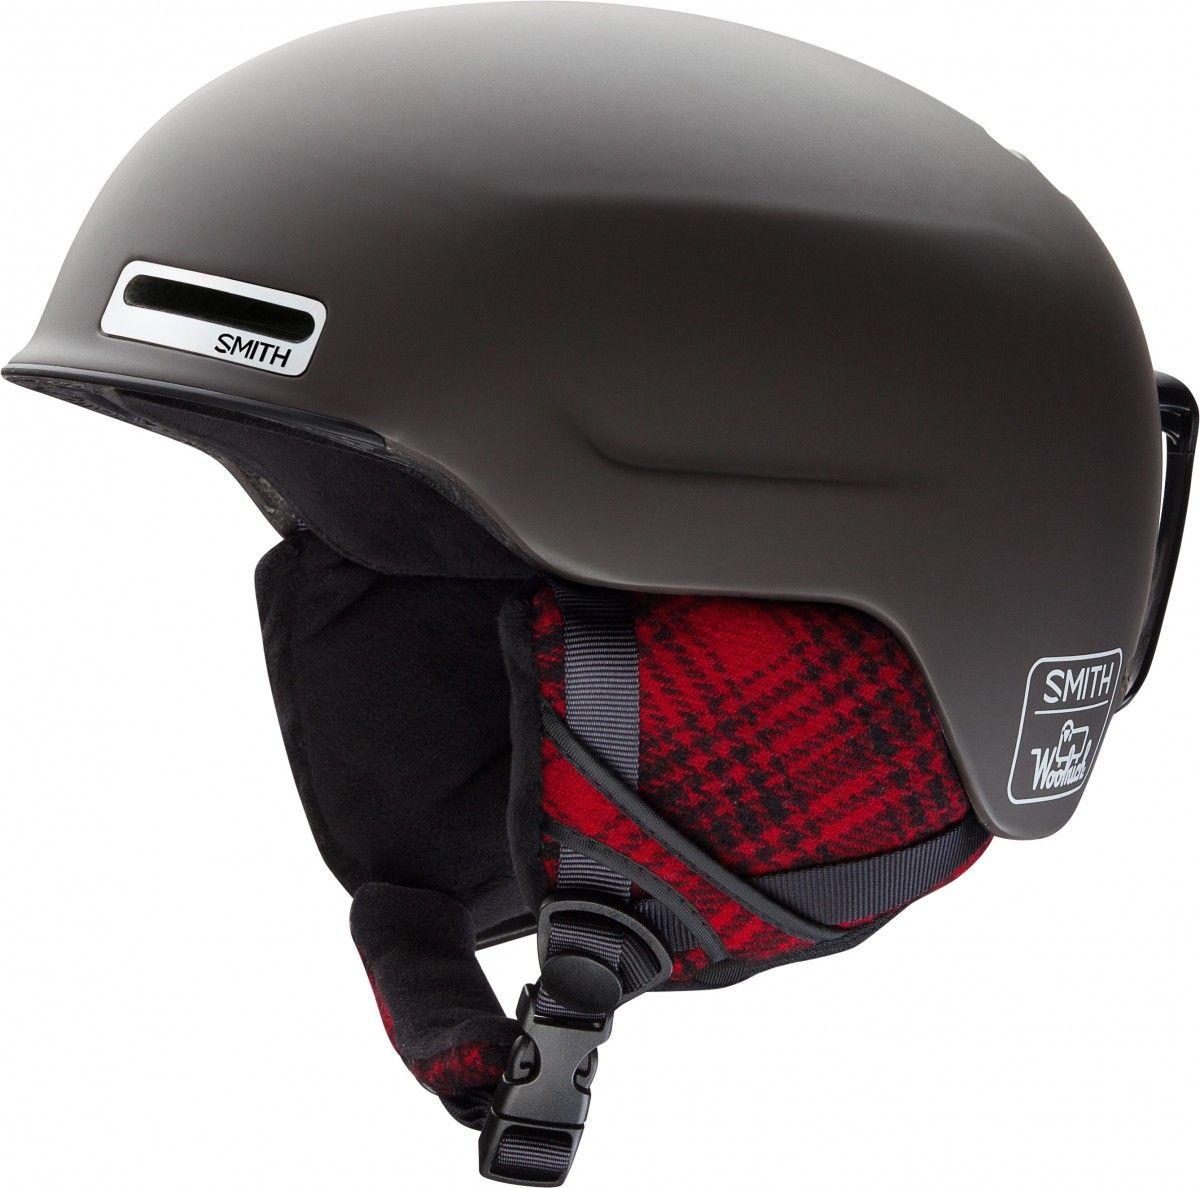 Smith Maze Helmet From Golfskipin Helmet Riding Helmets Woolrich